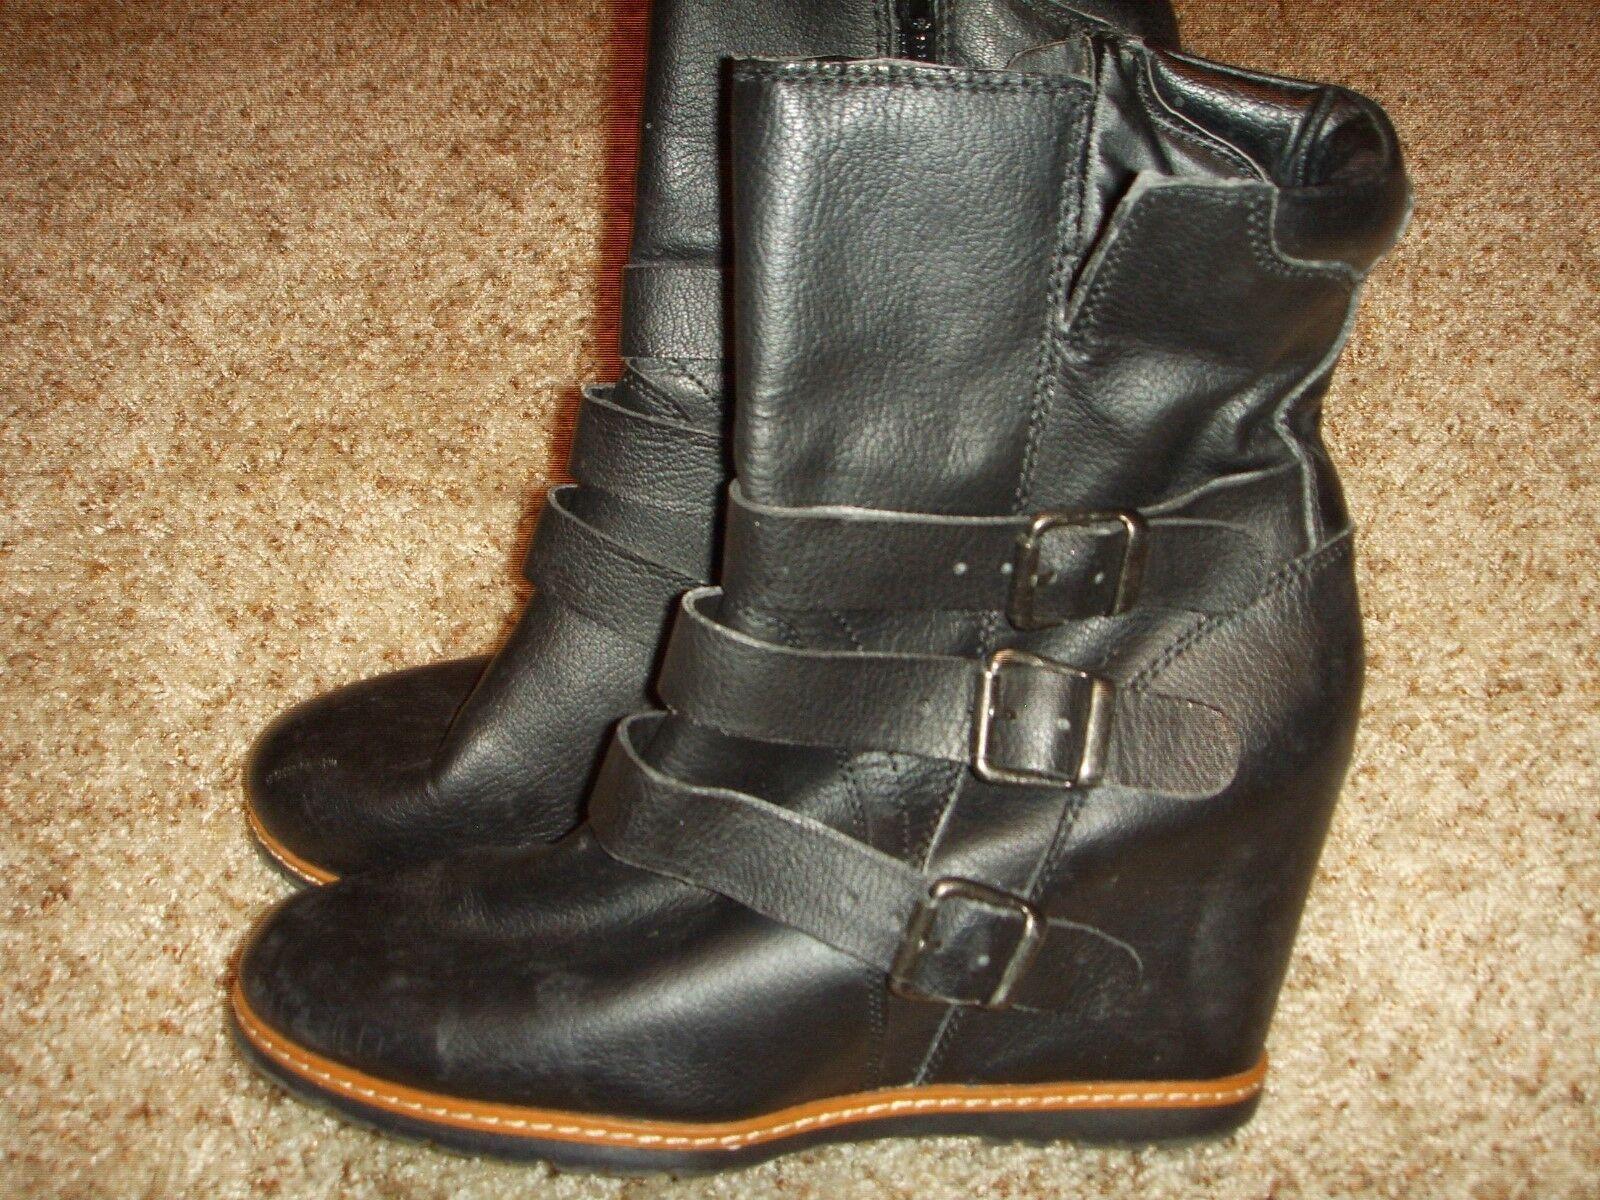 Skechers Skch +3 48527 en cuir compensées bottes Femme Taille 10